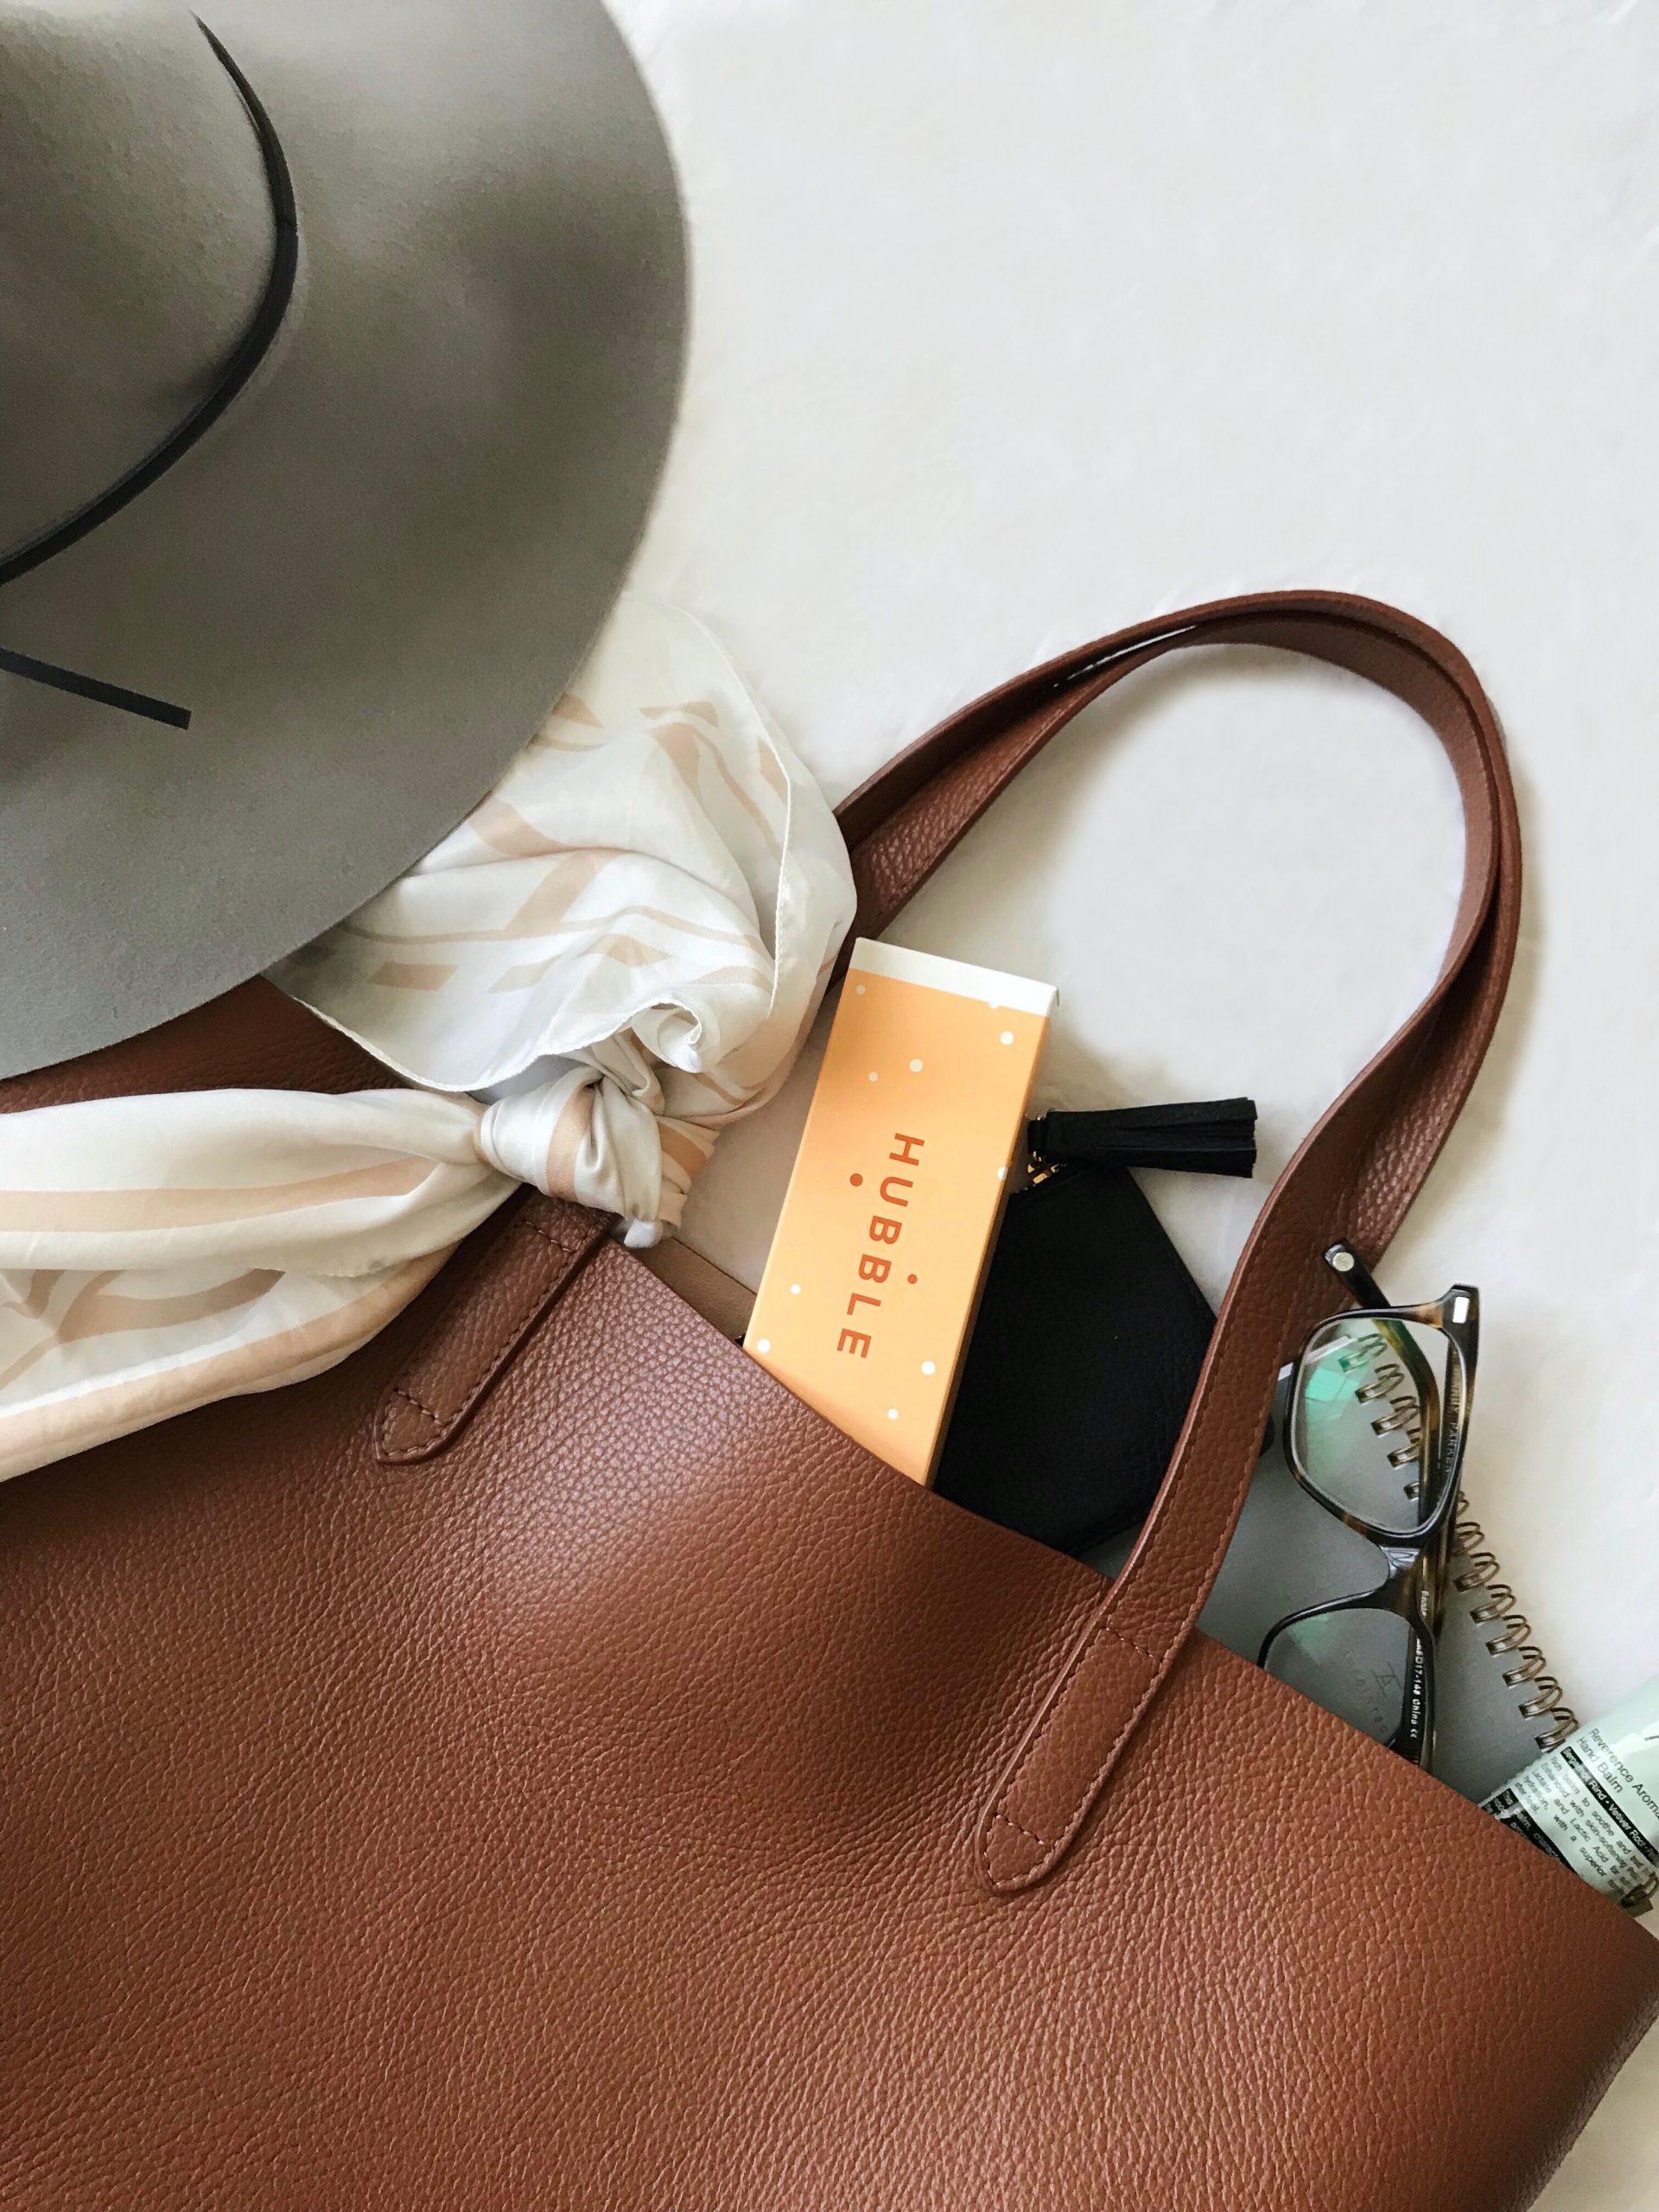 Choisir un sac qui dure , intemporel et durable n'est pas forcément une evidence